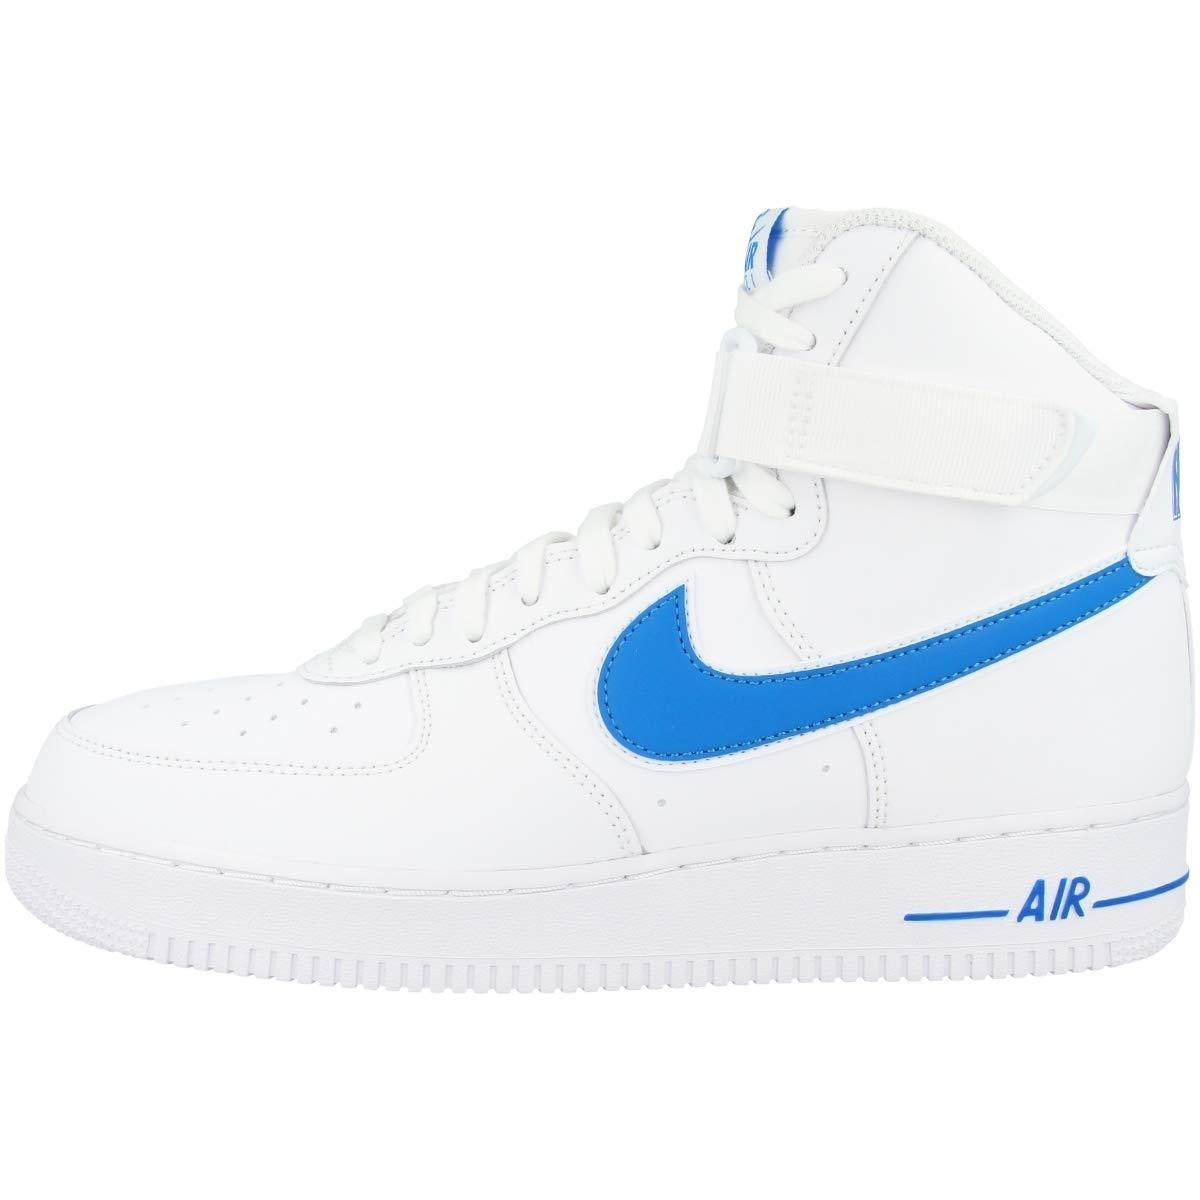 MultiCouleure (blanc blanc Photo bleu 102) 45.5 EU Nike Air Force 1 High '07 3, Chaussures de Basketball Homme